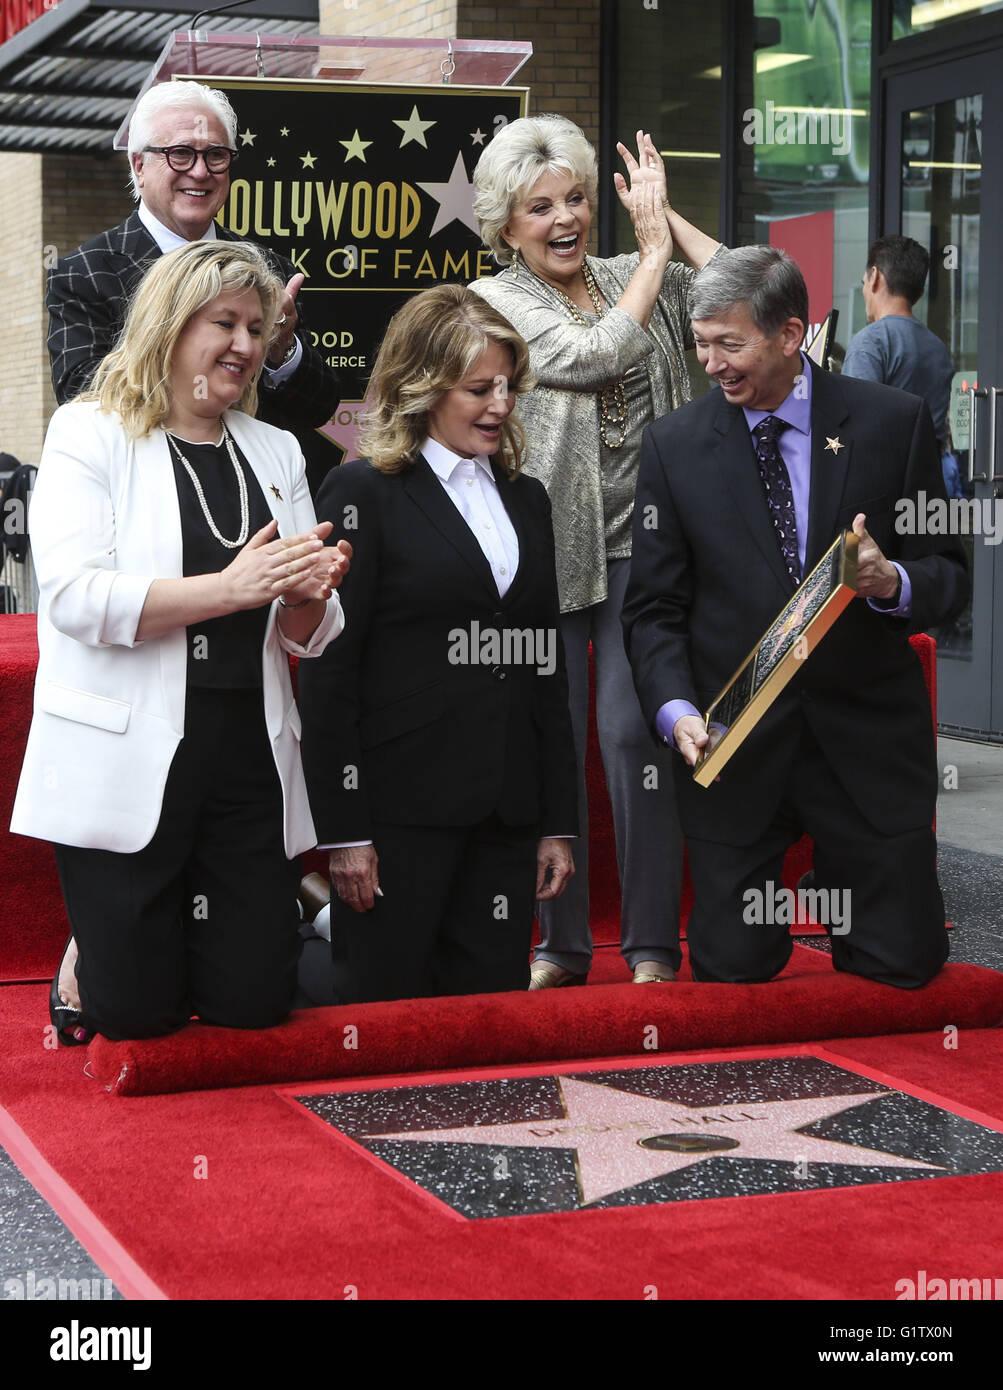 Los Angeles, California, USA. 19th May, 2016. Hollywood Chamber of Commerce Chair of the Board Fariba Kalantari, - Stock Image